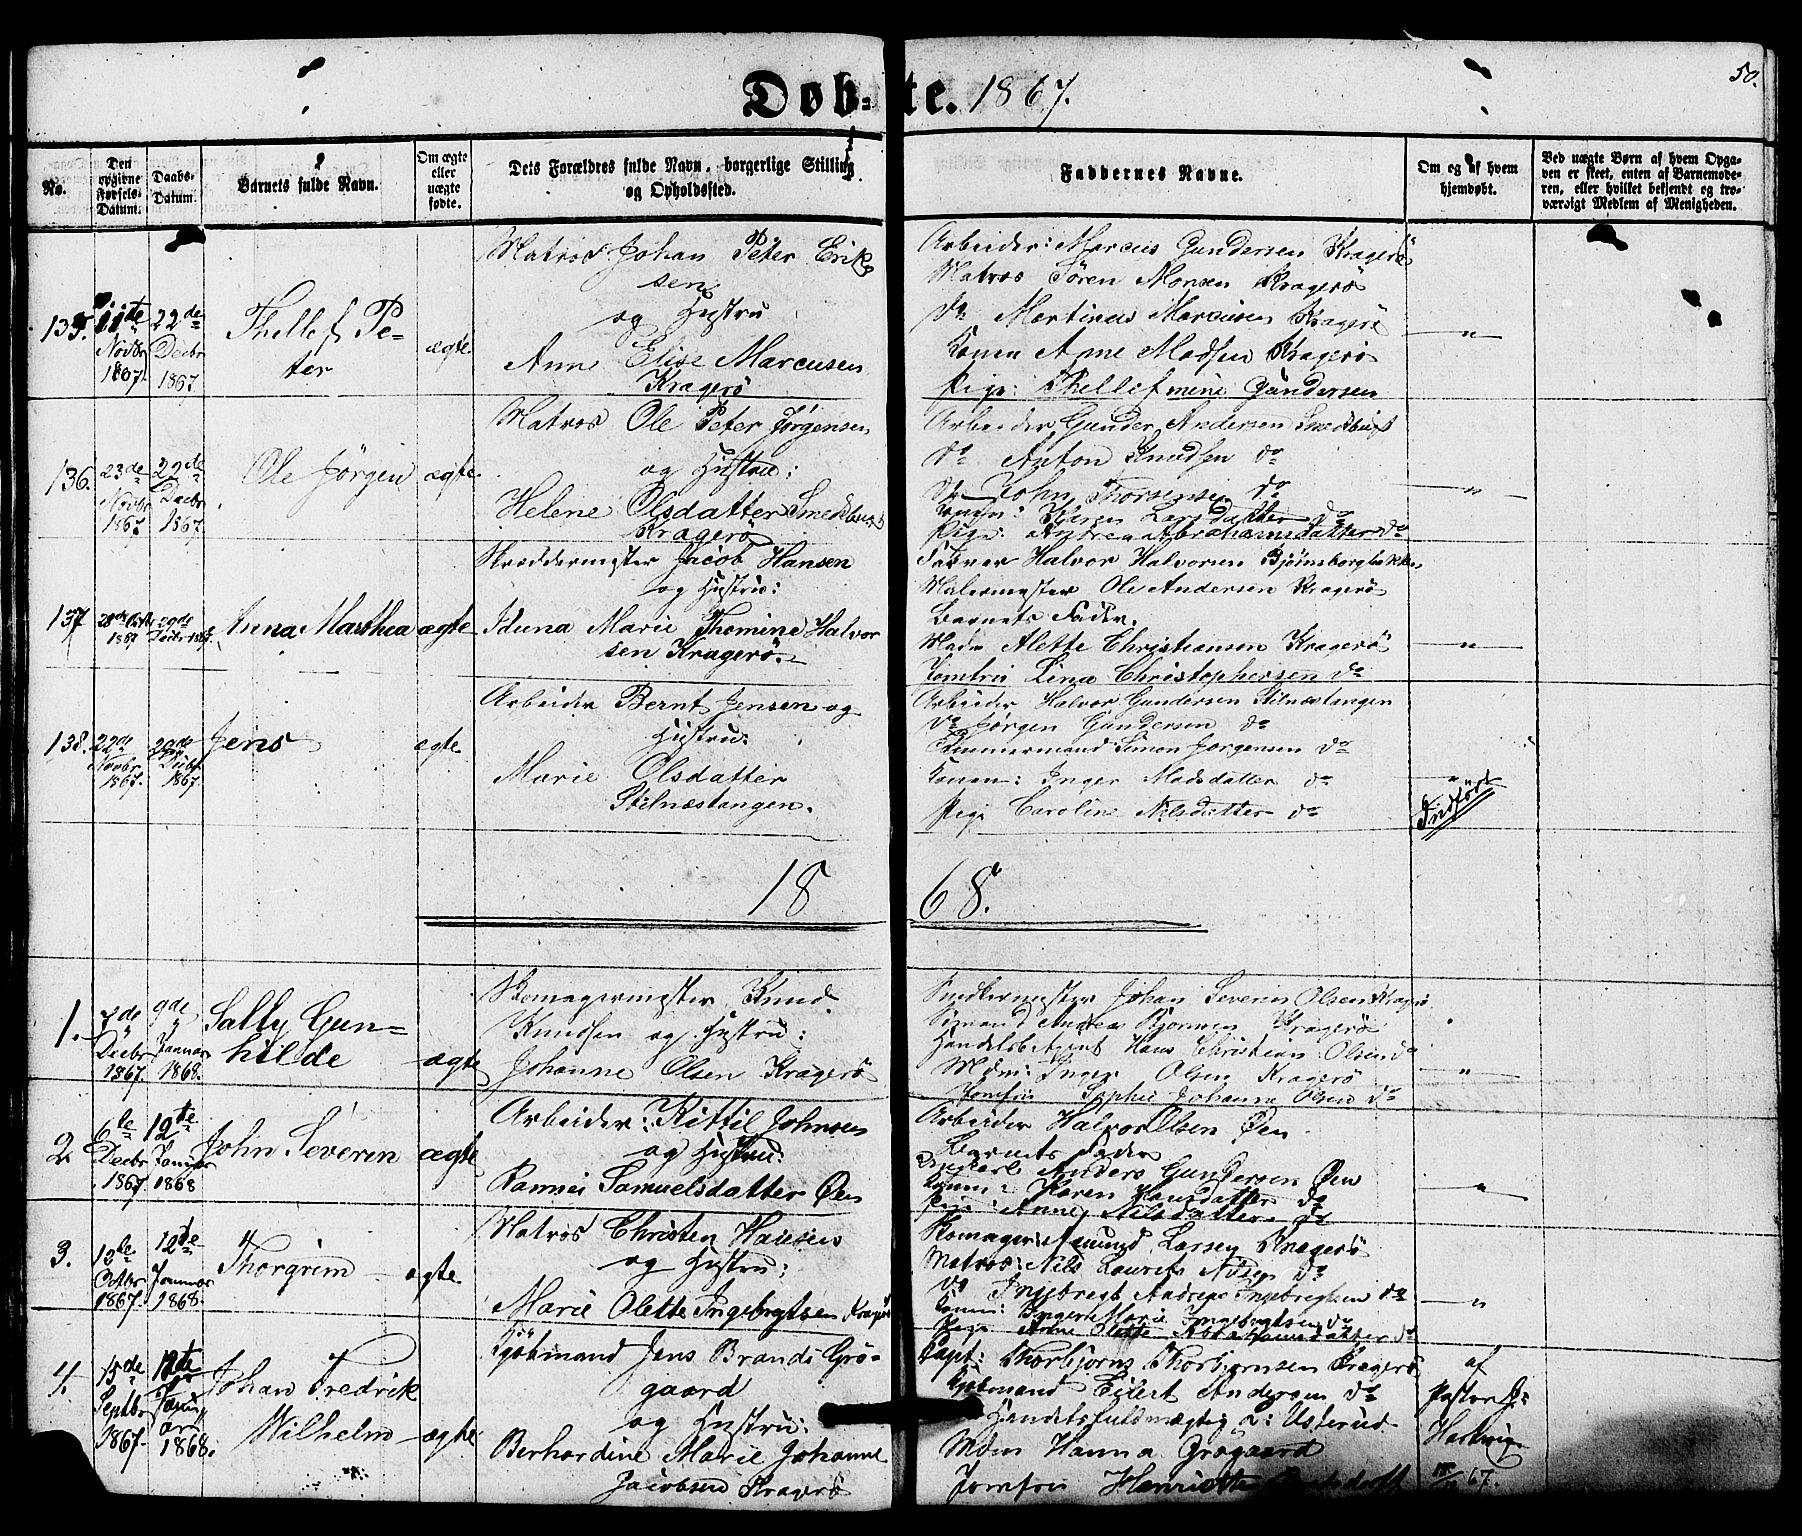 SAKO, Kragerø kirkebøker, G/Ga/L0005: Klokkerbok nr. 5, 1865-1881, s. 50